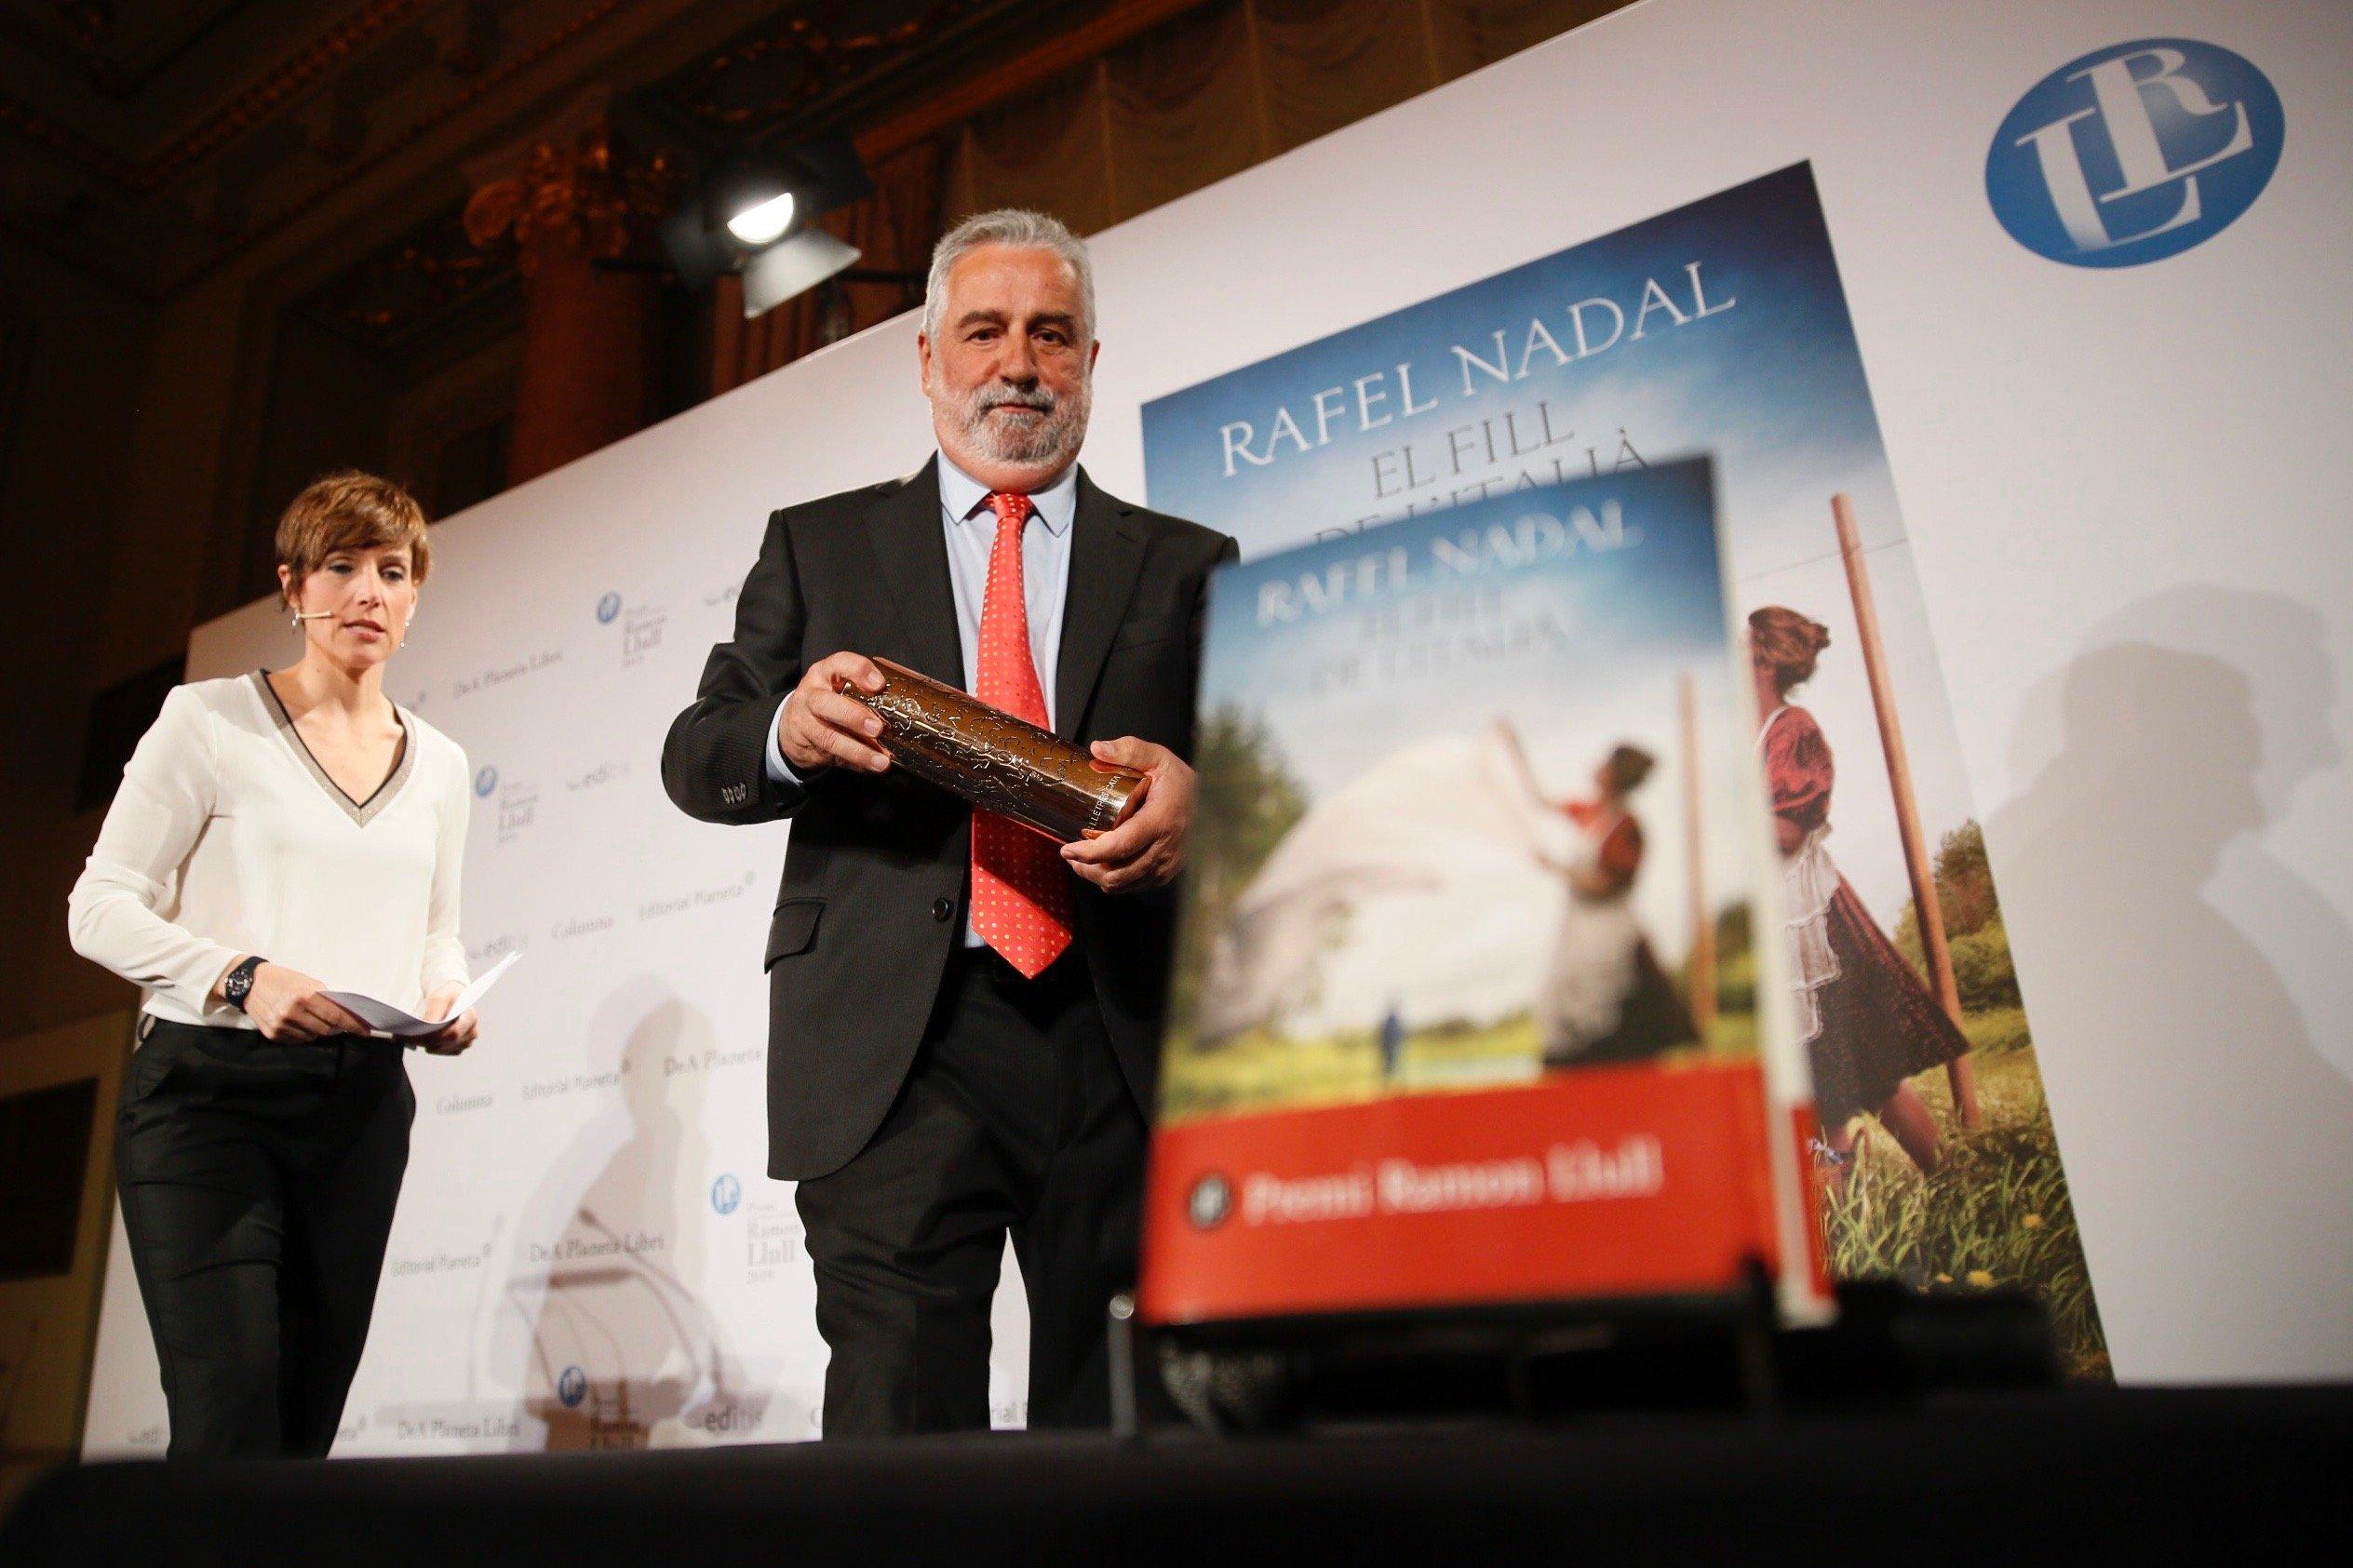 Rafel Nadal fill italià Sergi Alcàzar